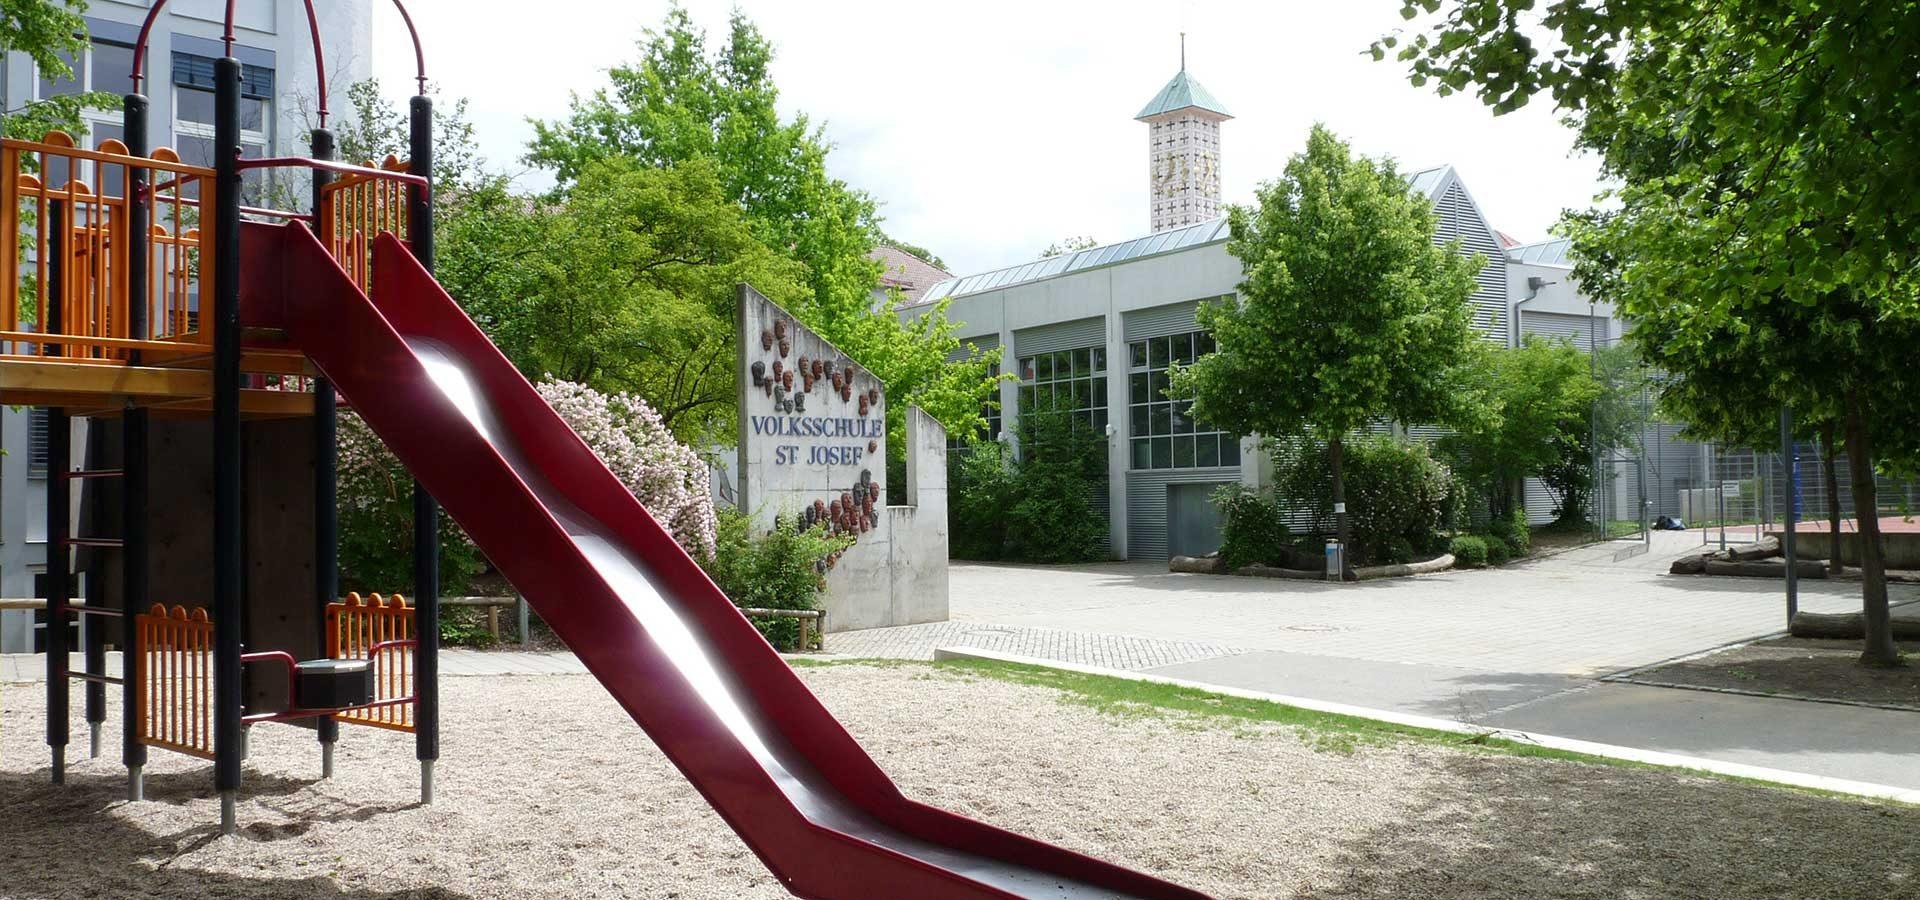 Schulhof der Schule St Josef